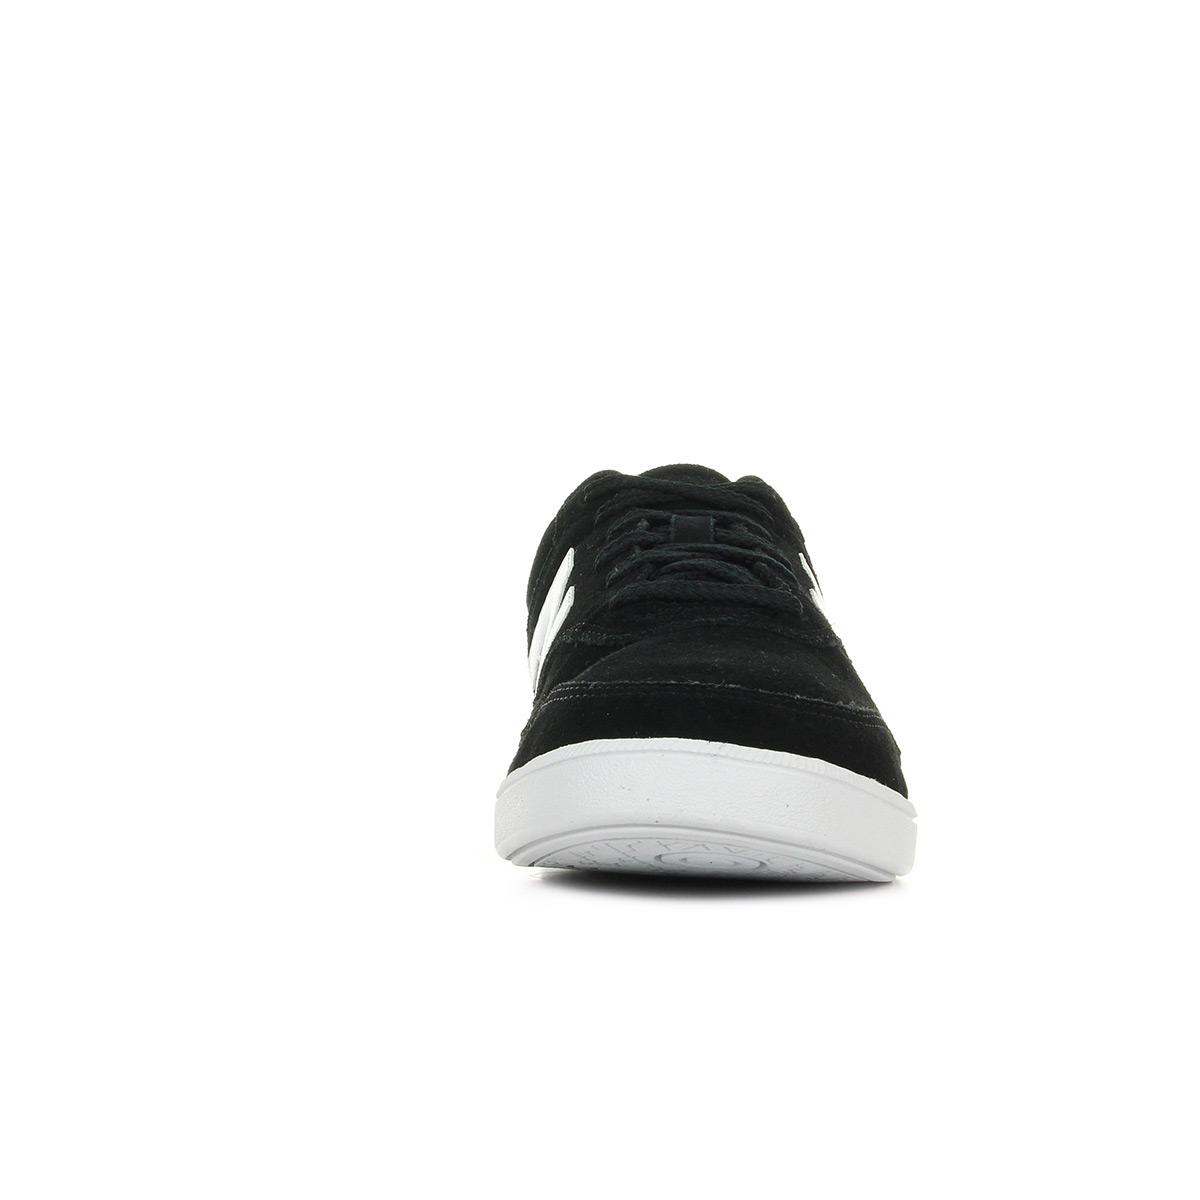 New Balance CT288 BW CT288BW, Baskets mode